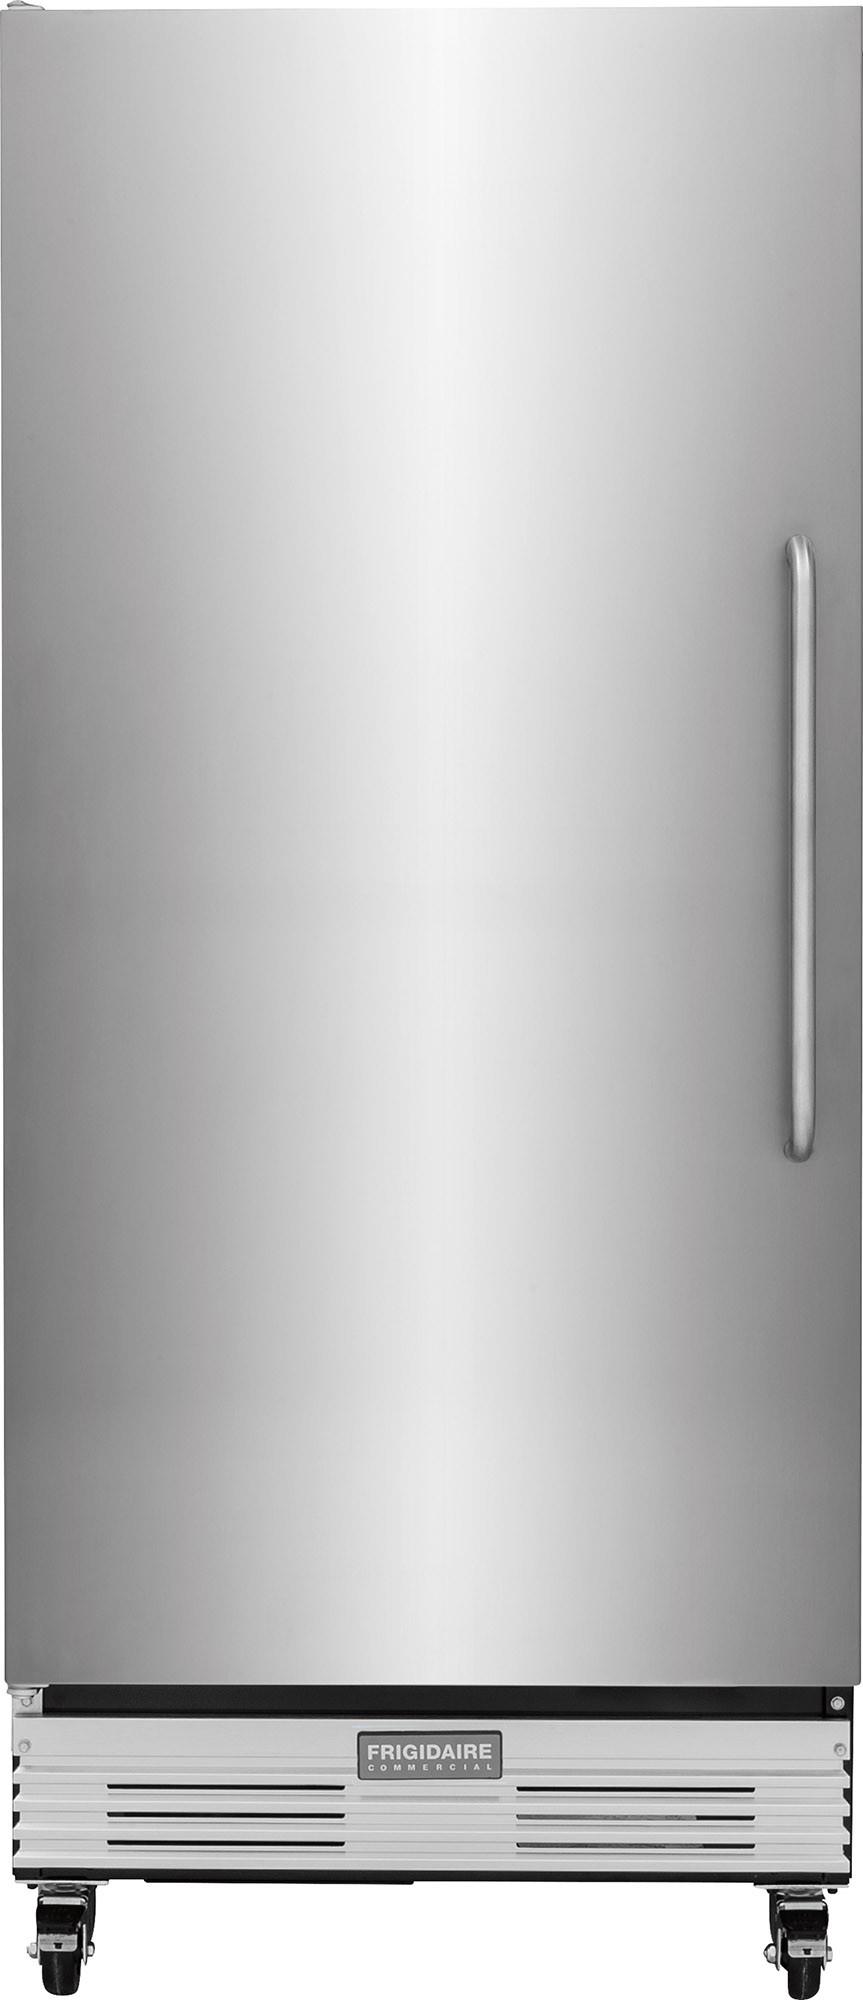 Ge Upright Freezer Manual Total Capacity 15 179 Cu Ft Freezers